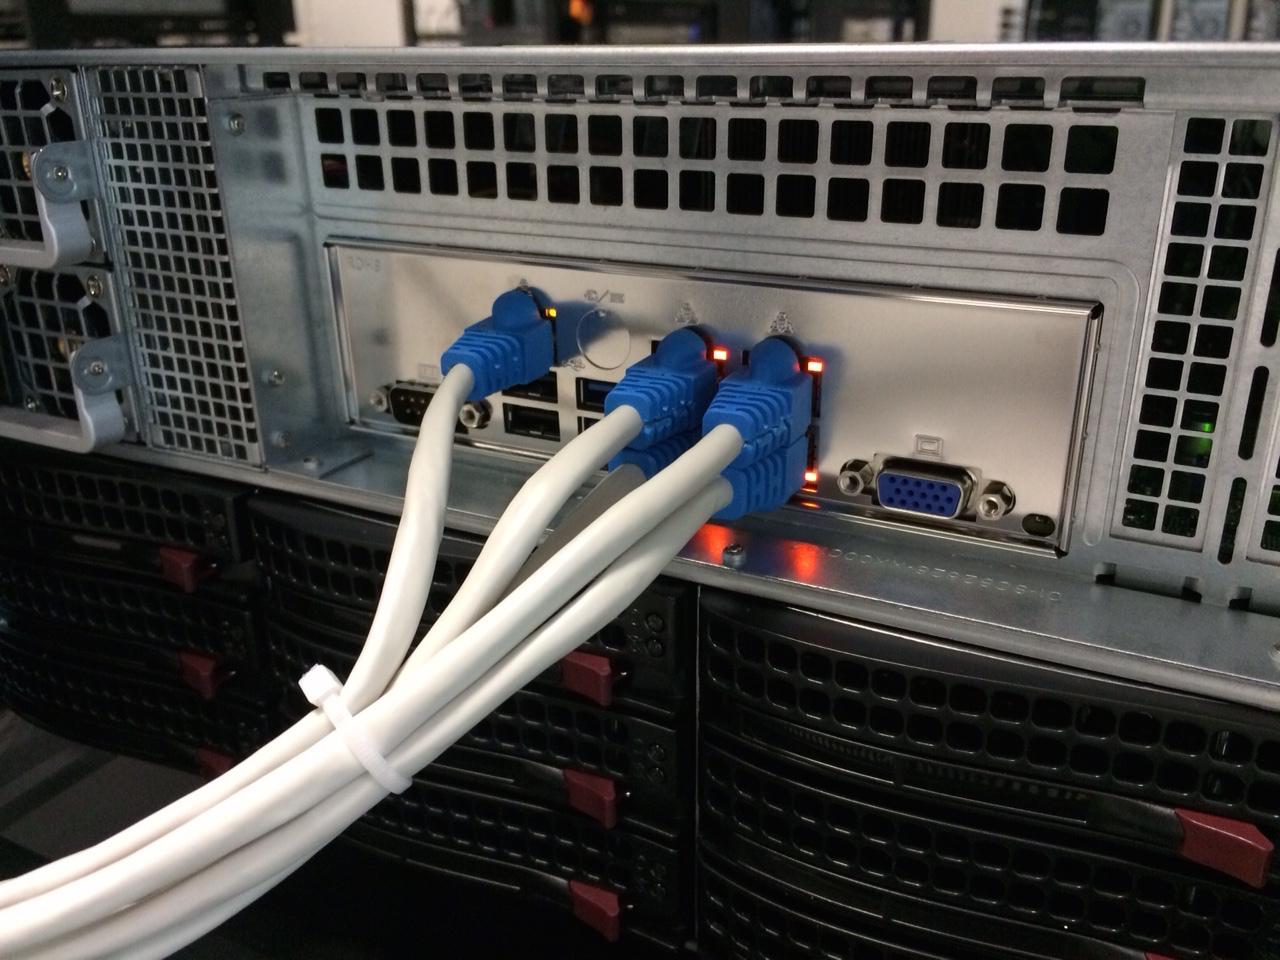 Захват пакетов в Linux на скорости десятки миллионов пакетов в секунду без использования сторонних библиотек